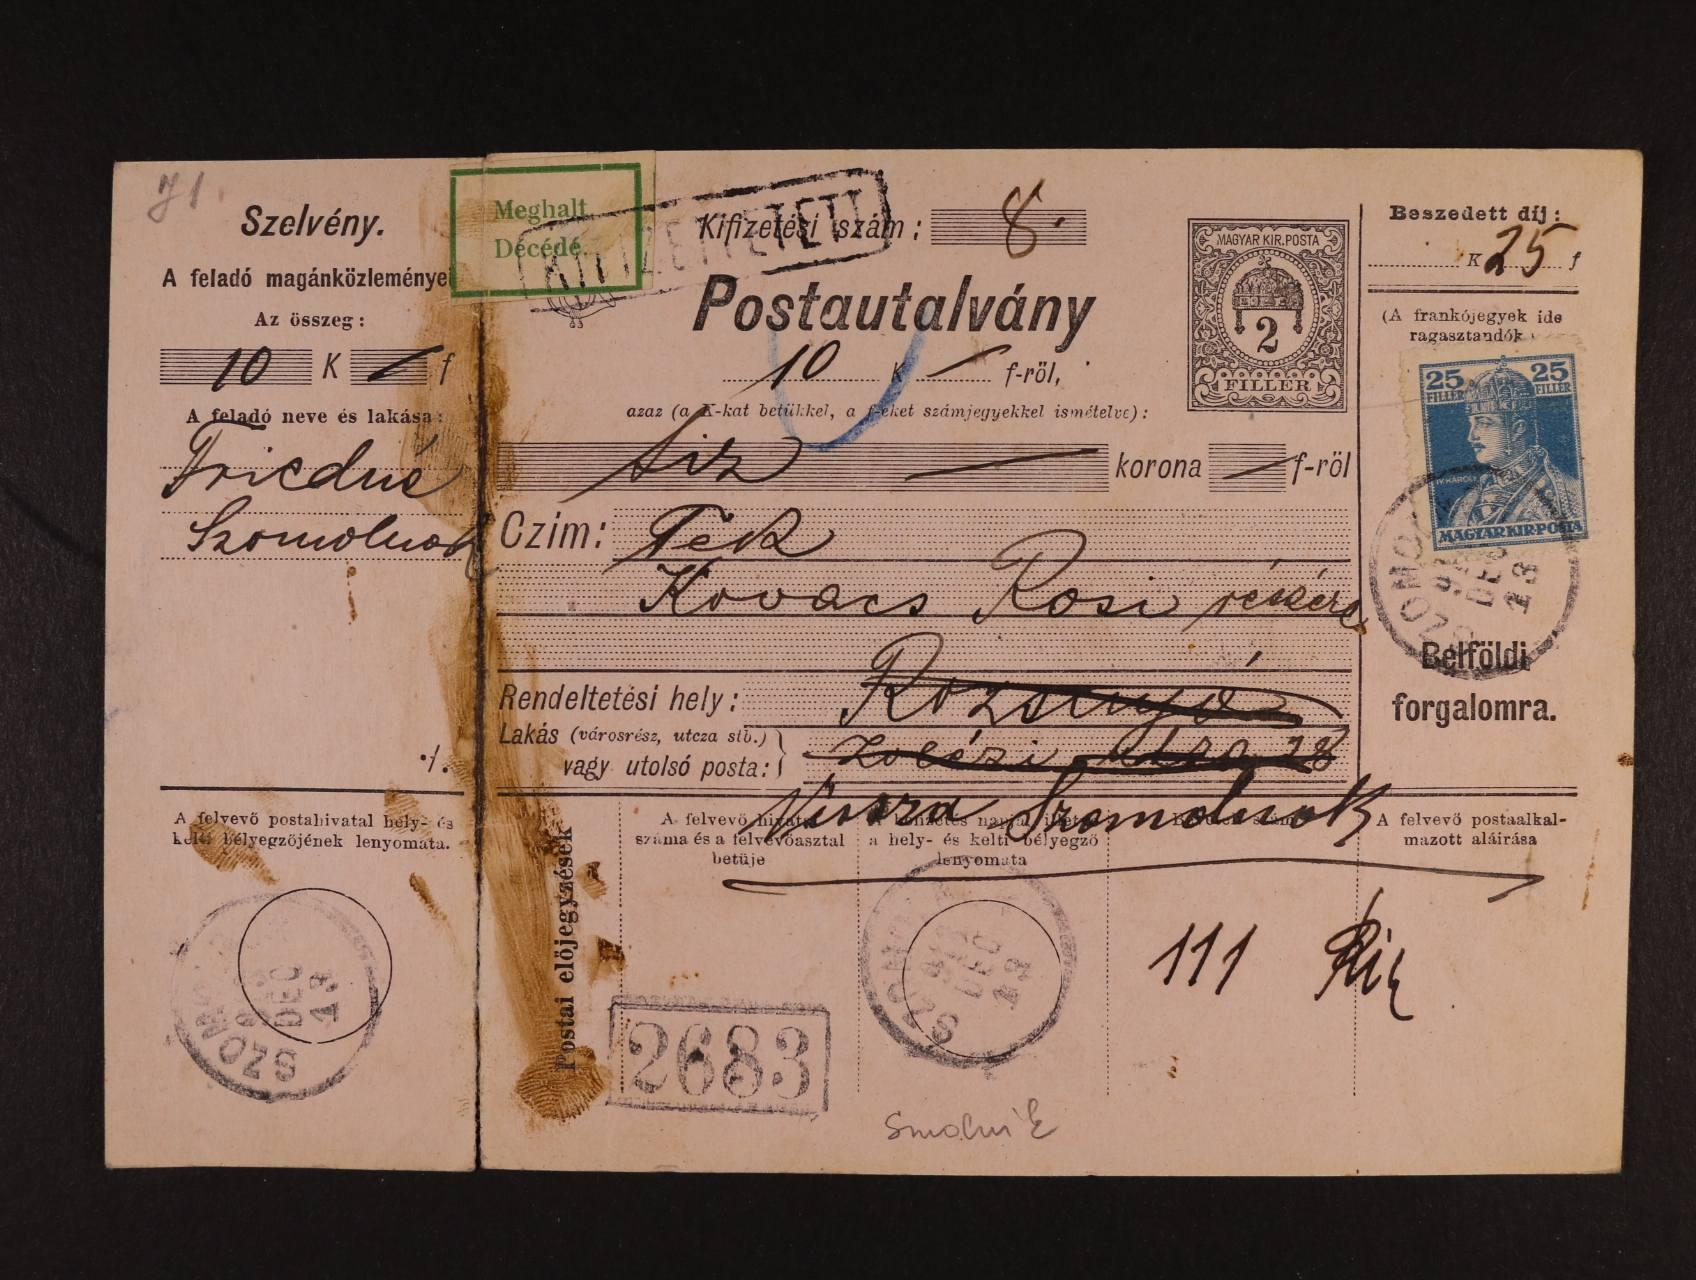 kompl. uherská průvodka frank. maď. zn. Mi. č. 216 s pod. raz. SZOMOLNYO (Smolník) 13.DEC.1918, zajímavé